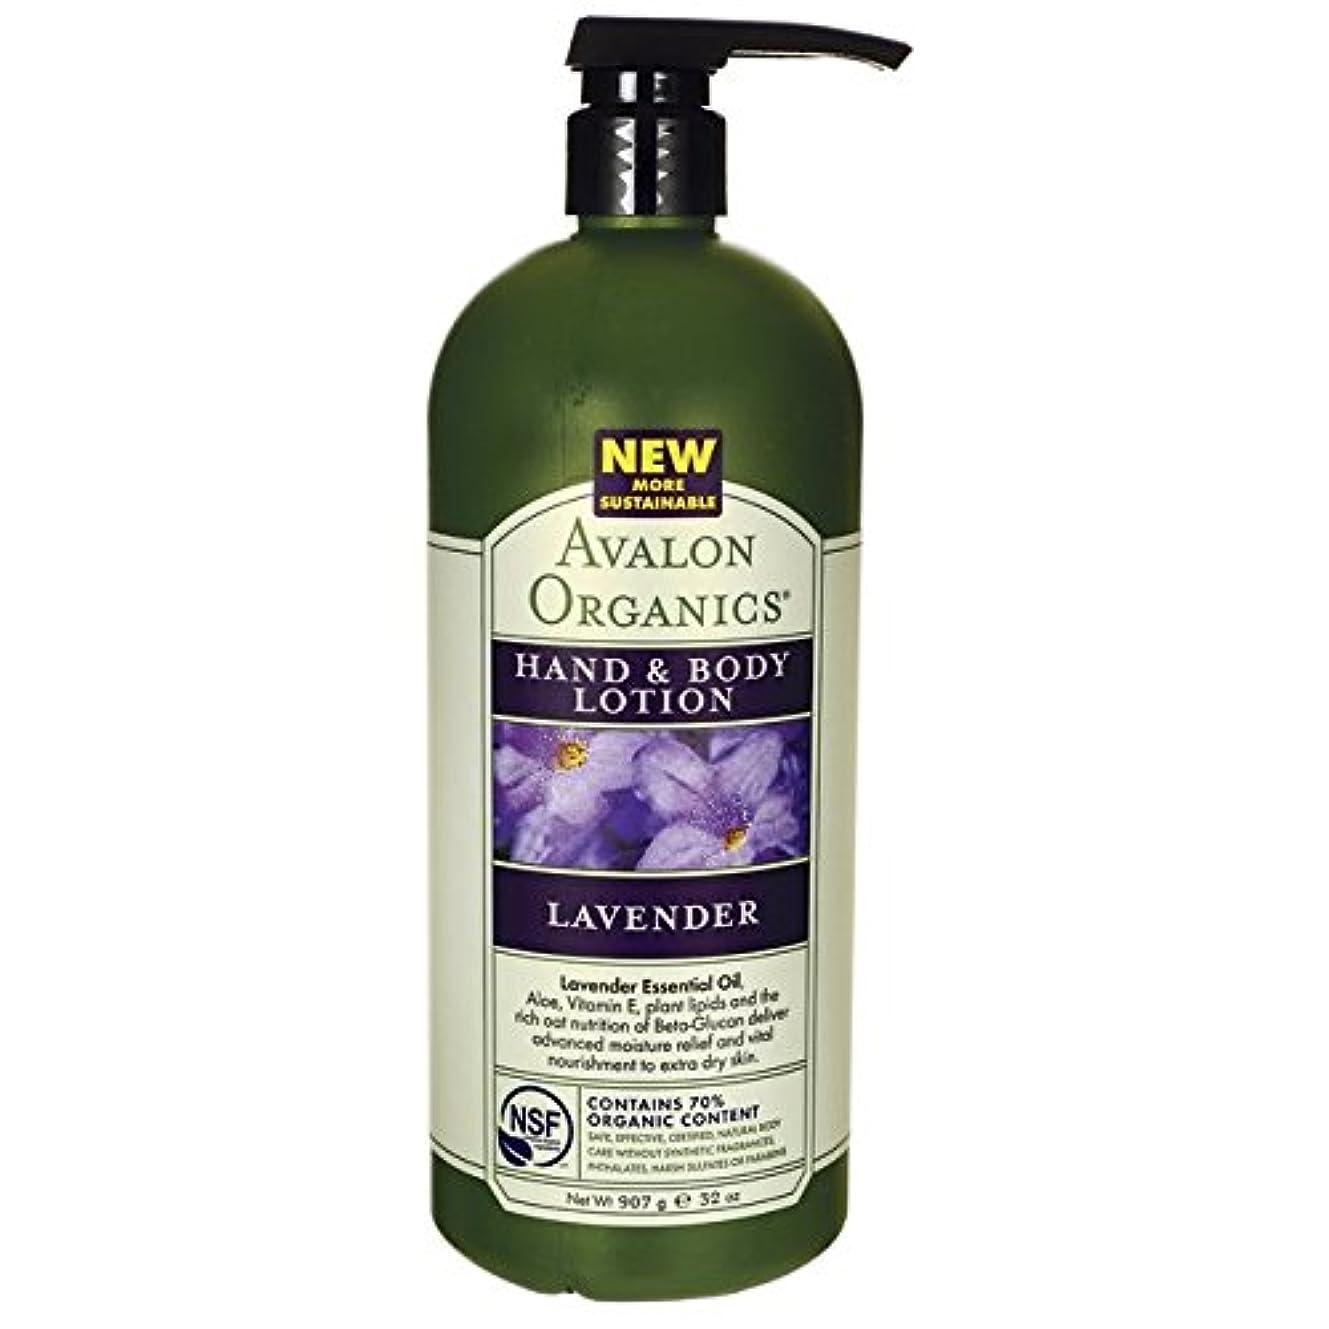 低い再生的取り除く【Avalon Organics】 ハンド&ボディーローション ラベンダーの香り 907g [並行輸入品]